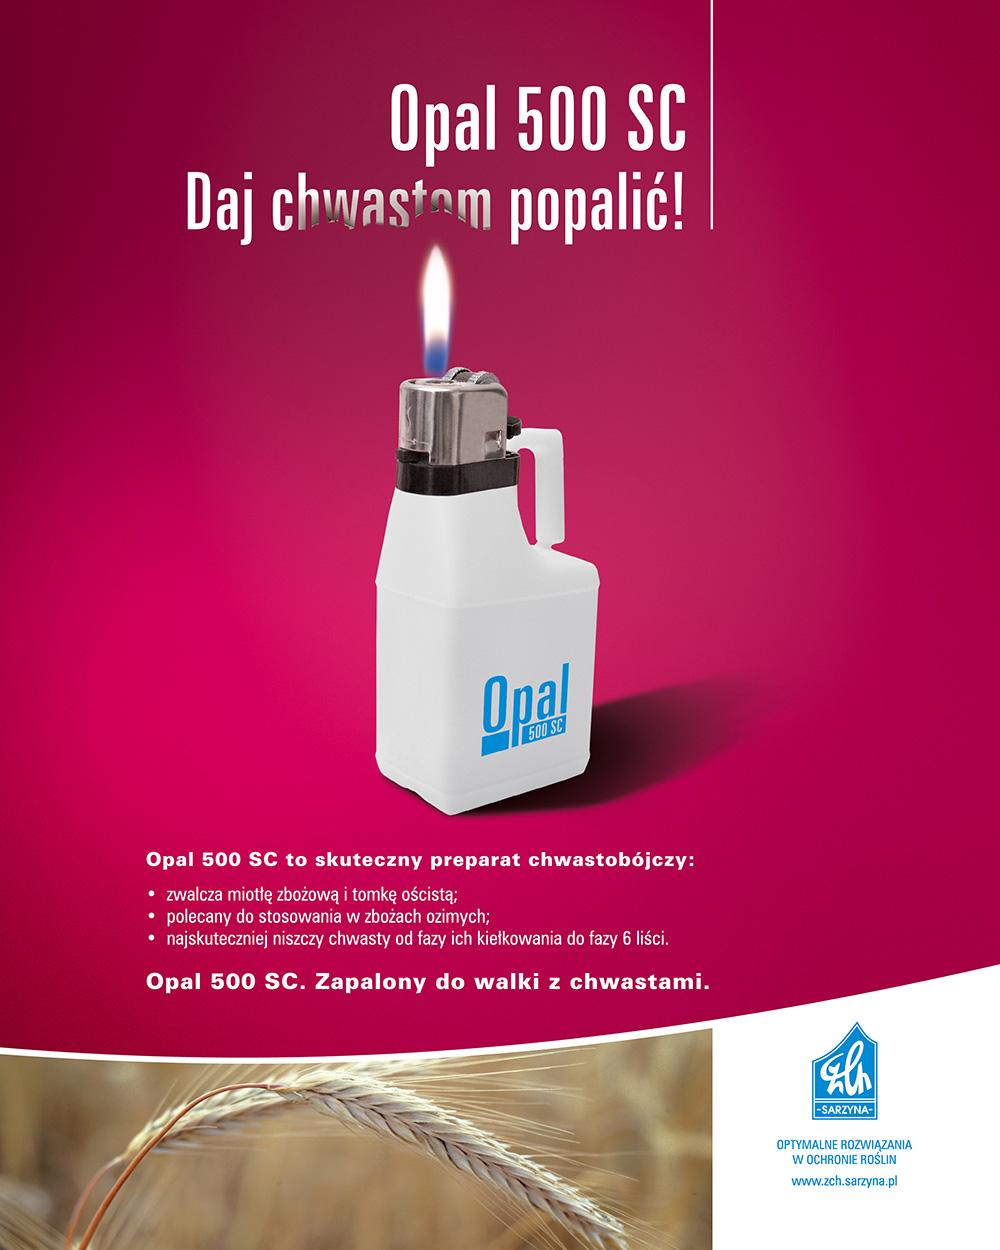 ciech-sarzyna-reklama-prasowa-7